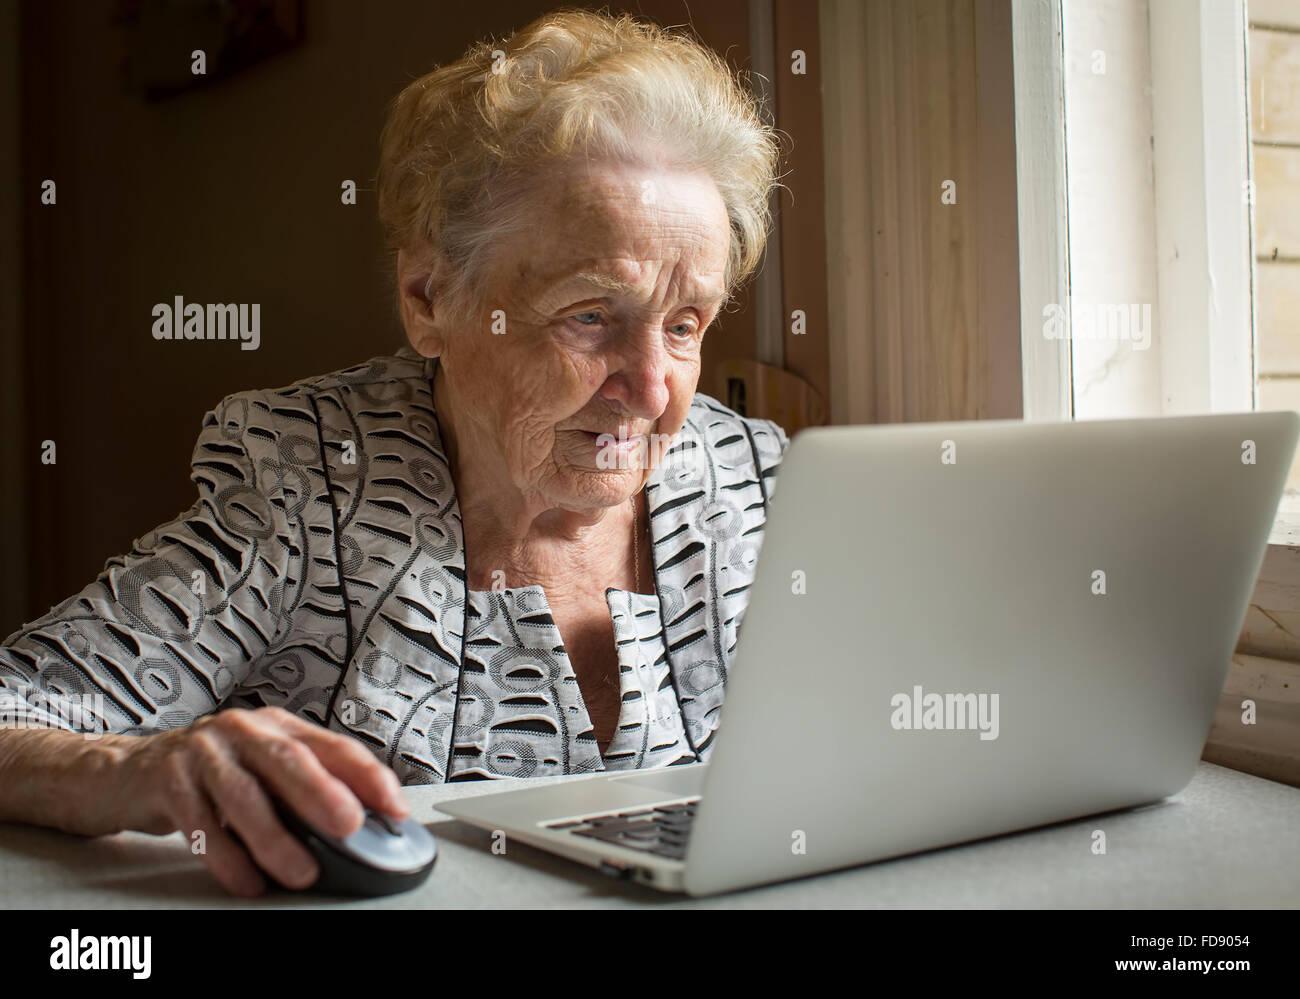 Una donna anziana seduta al tavolo e tipi su laptop. Immagini Stock